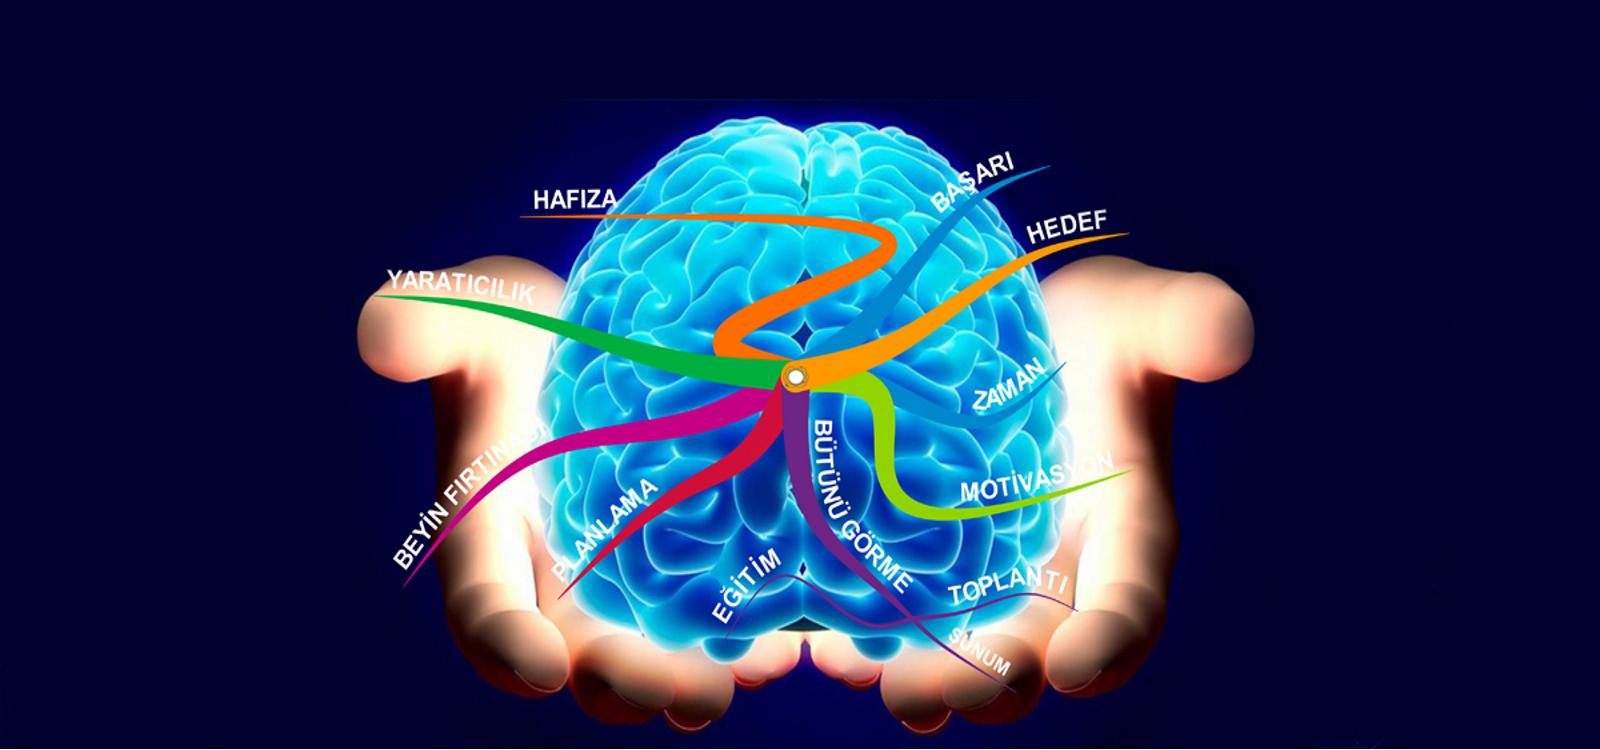 Yazarlar ve yazmak isteyenler için zihin haritası eğitimi